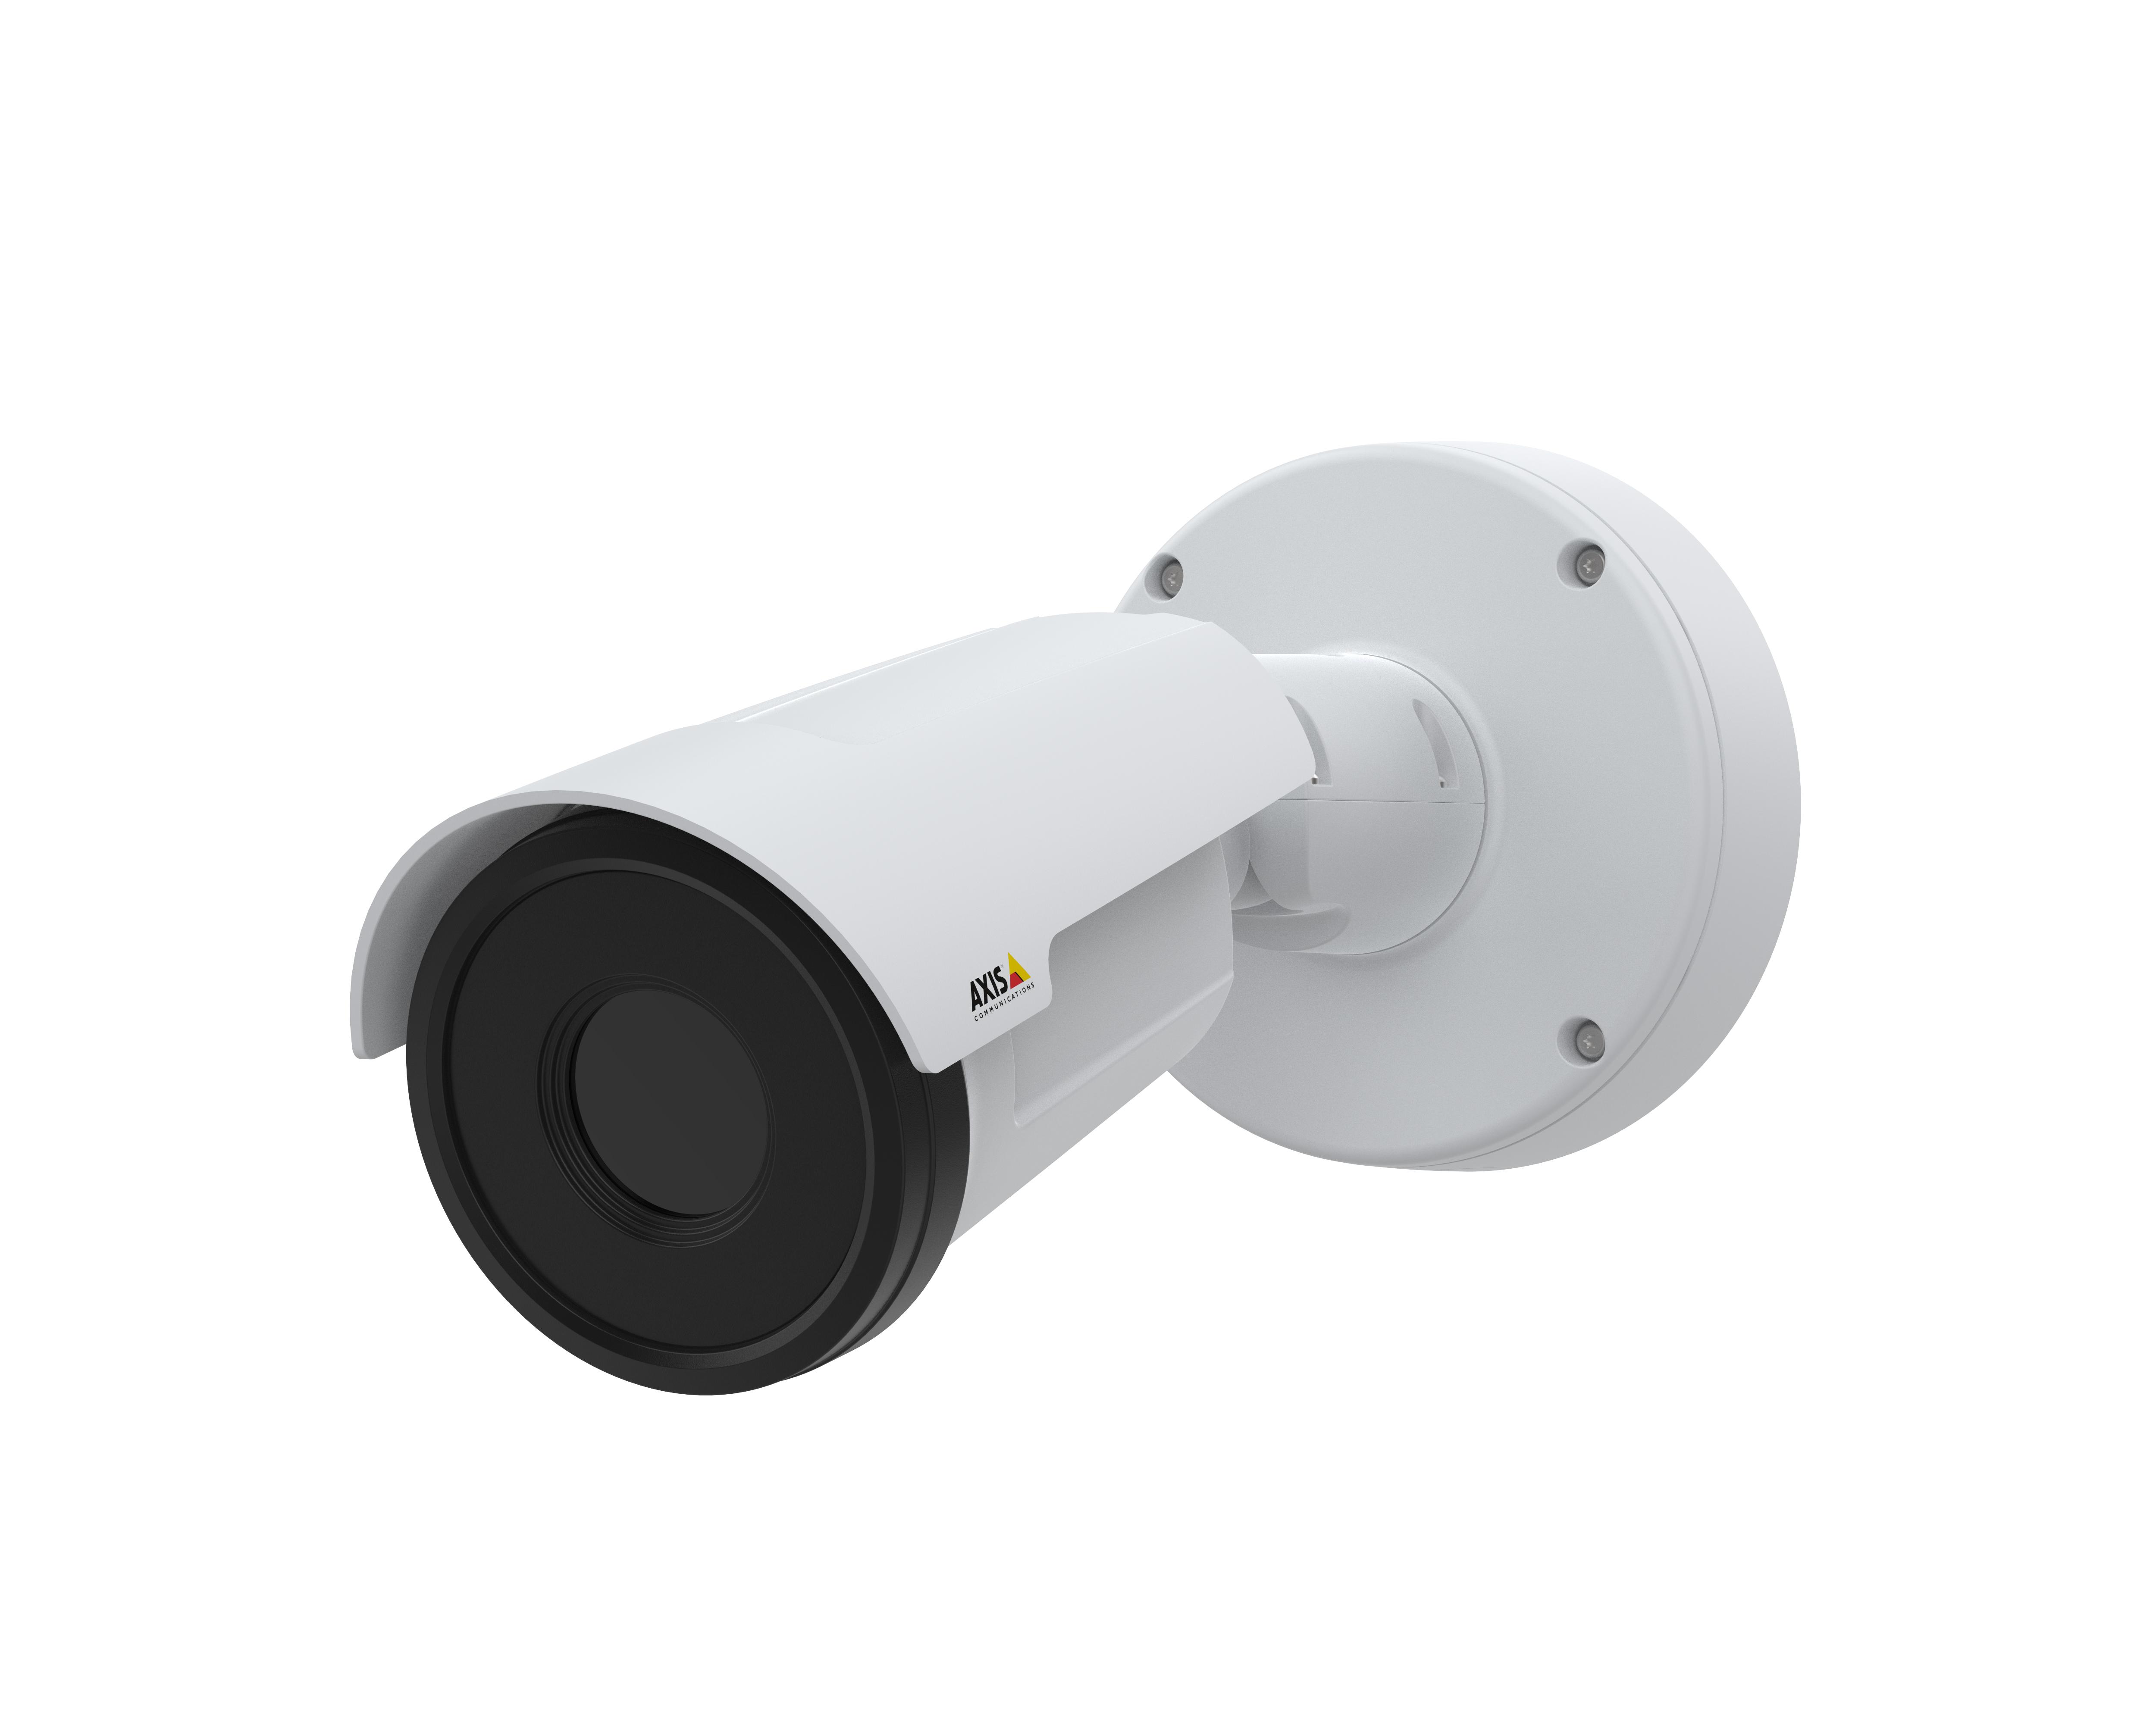 Axis выпускает тепловизионные камеры с аналитикой на основе искусственного интеллекта